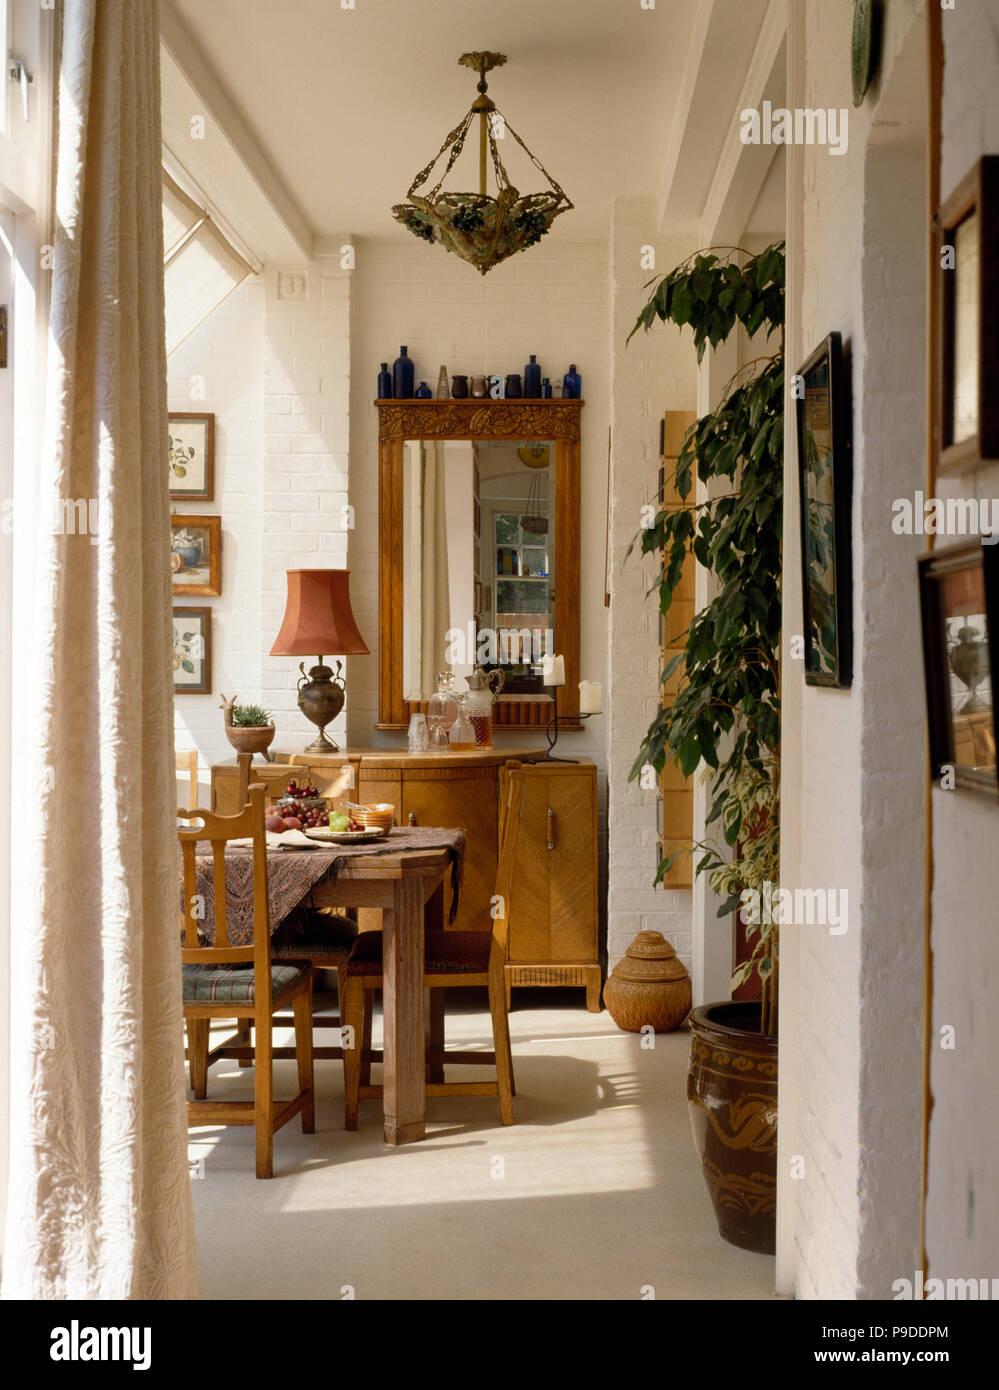 Adaptador de luz Vintage en 90 comedor con muebles de estilo ...